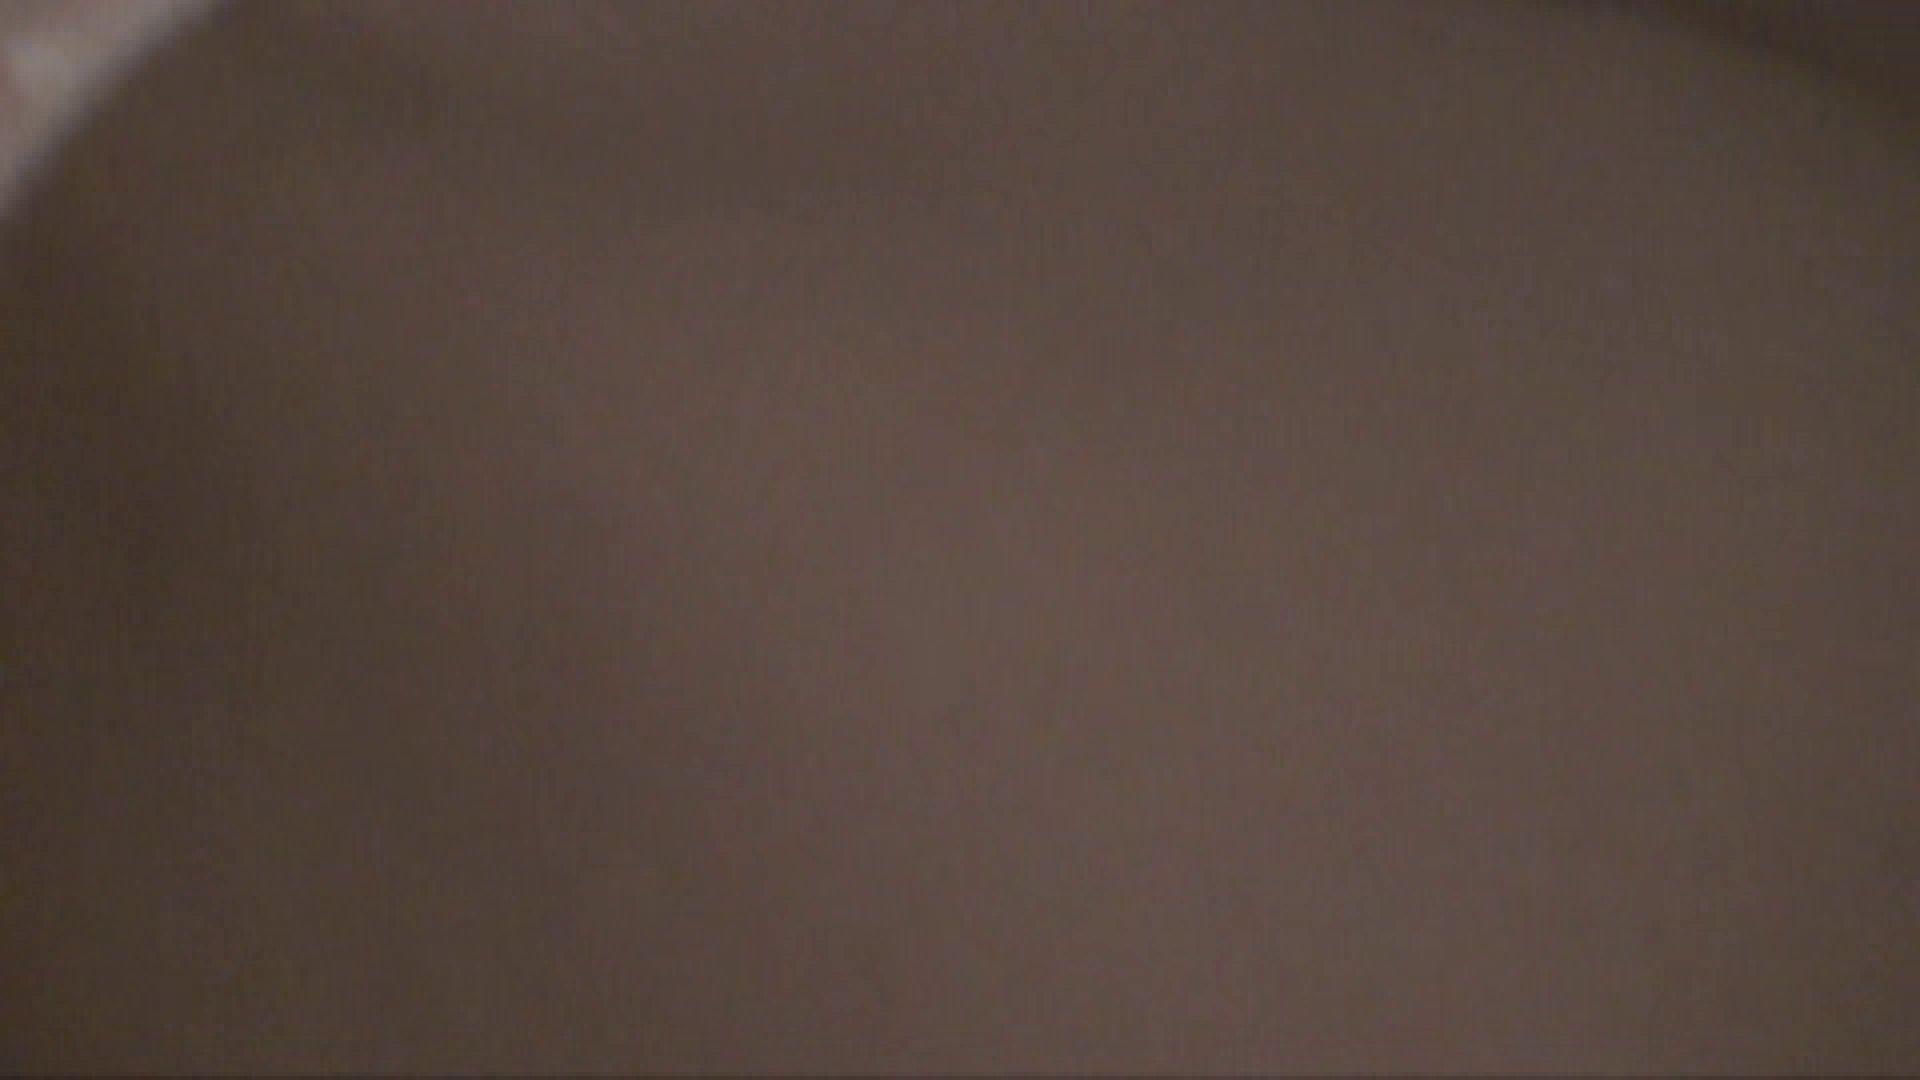 独占配信! ●罪証拠DVD 起きません! vol.15 エッチガールズ  94連発 42